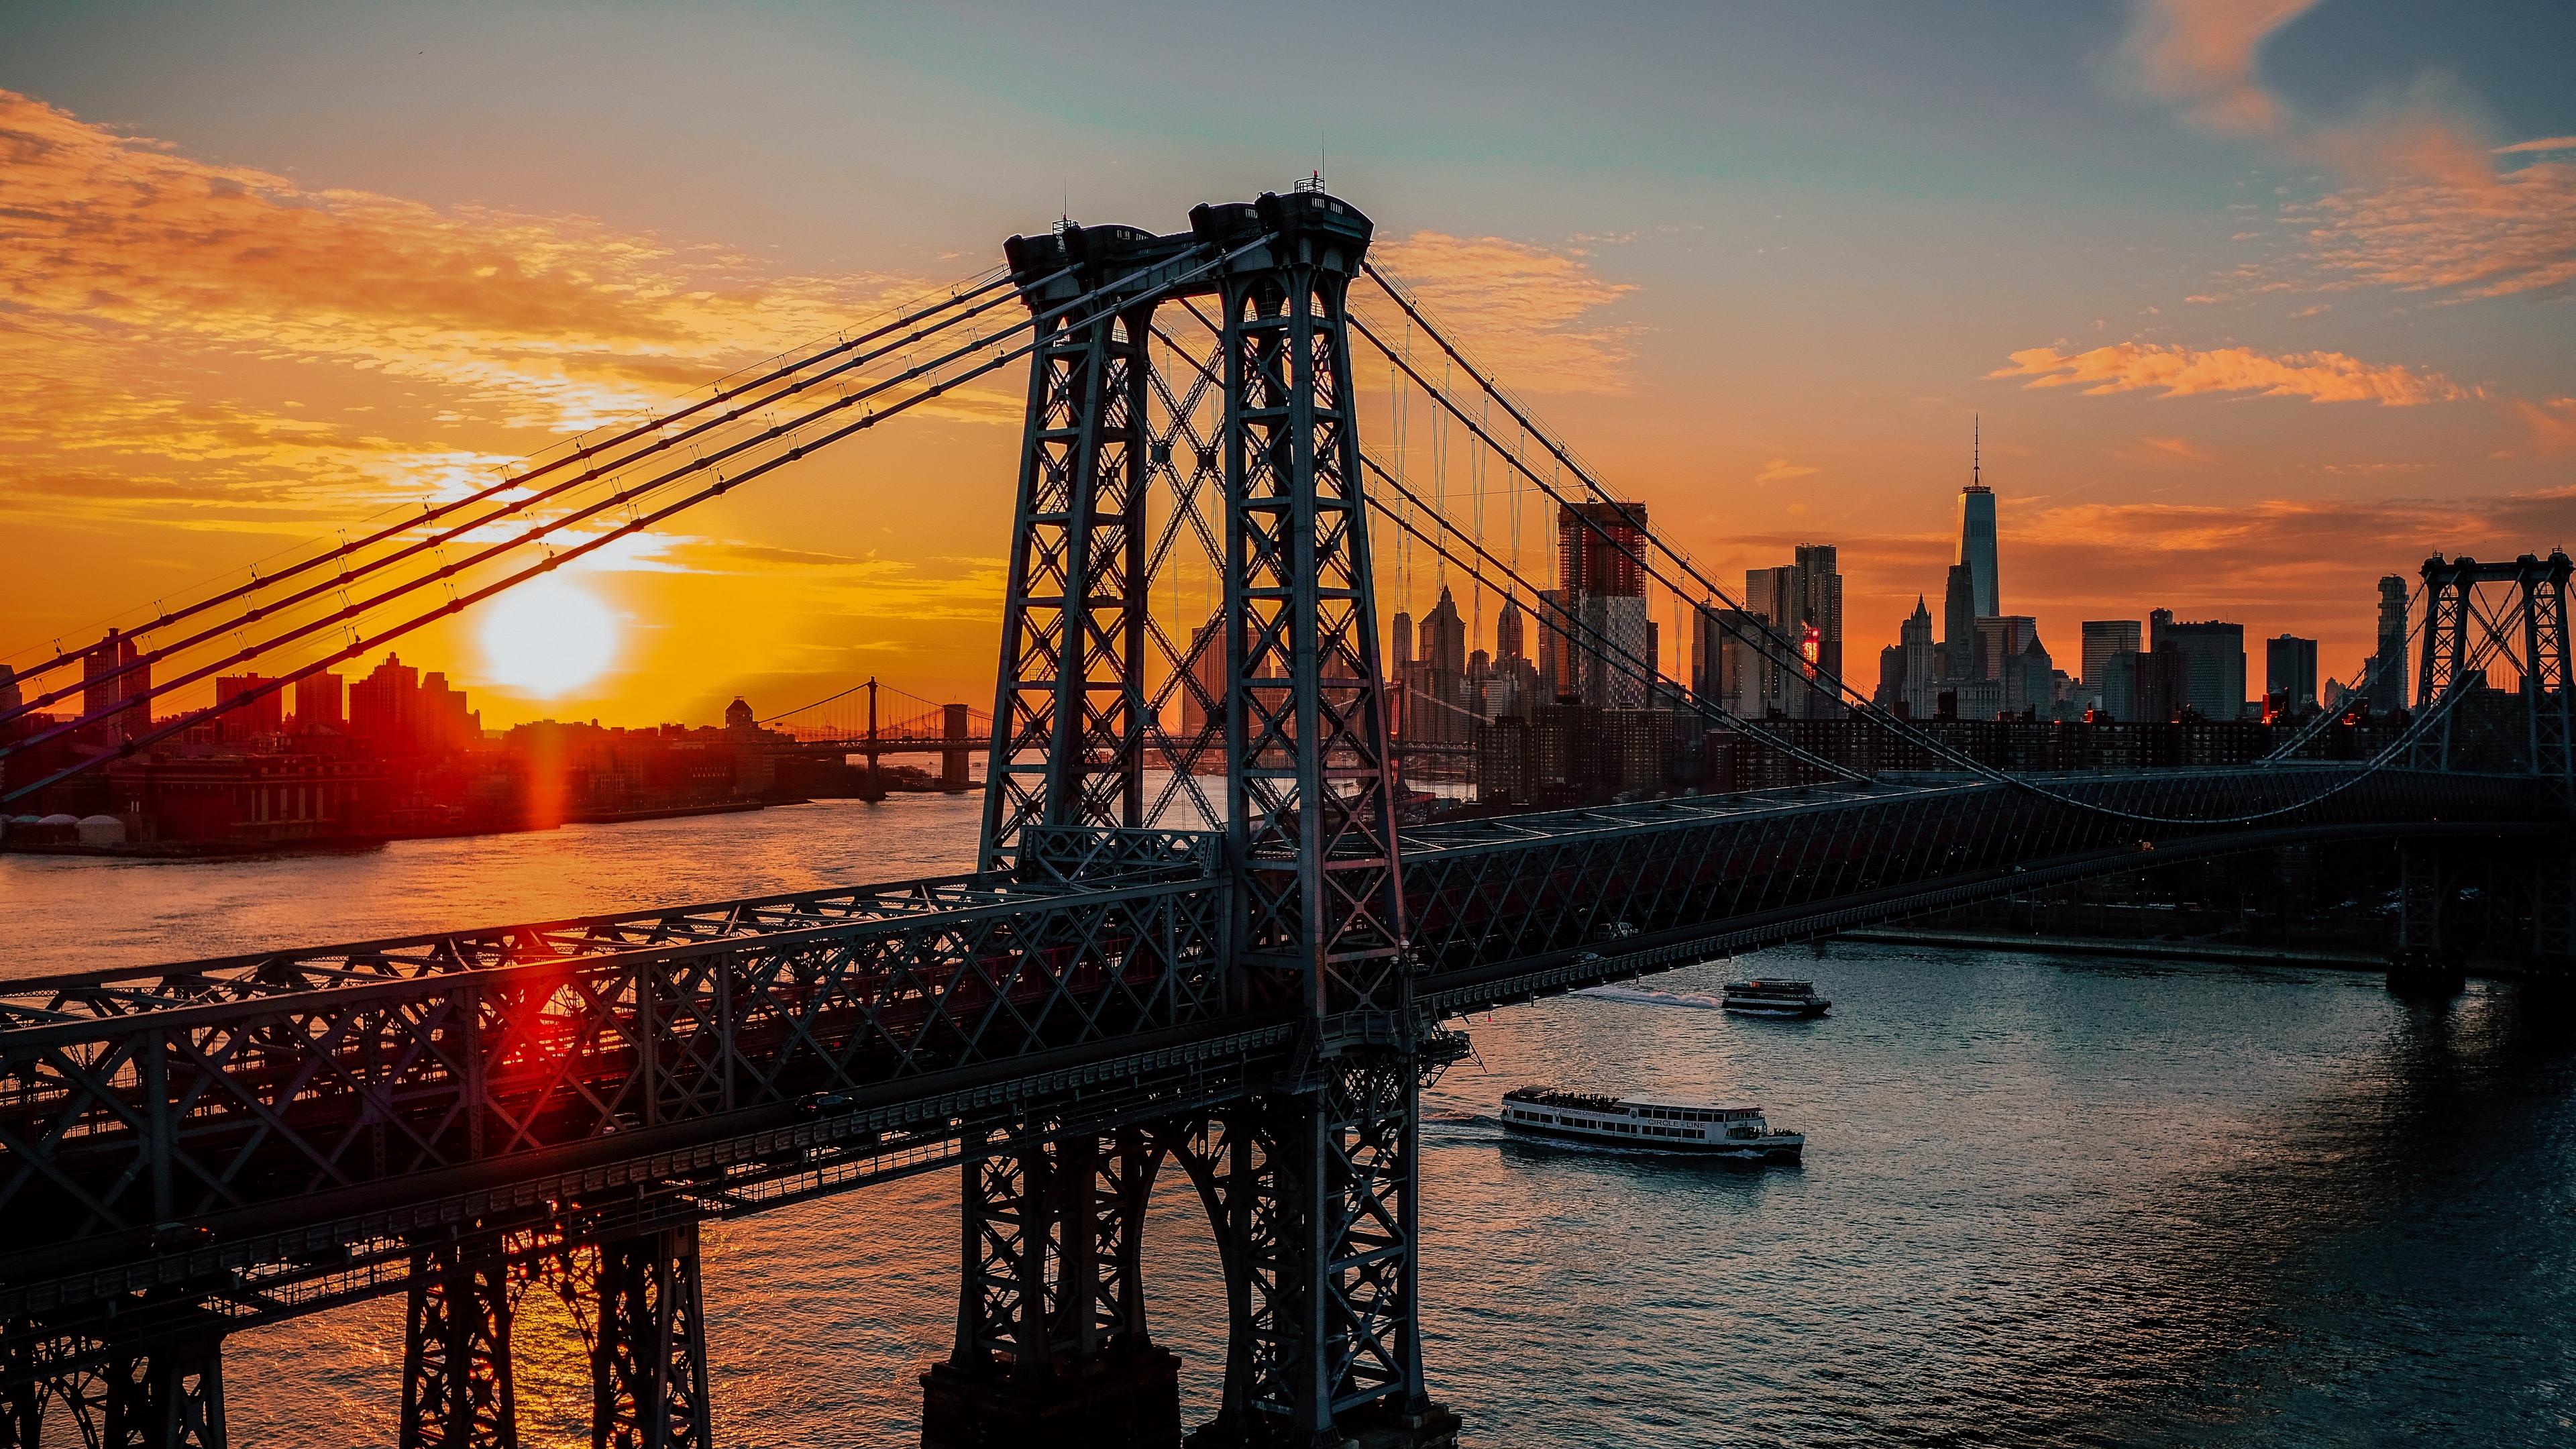 new york usa bridge dawn 4k 1538068144 - new york, usa, bridge, dawn 4k - USA, new york, bridge